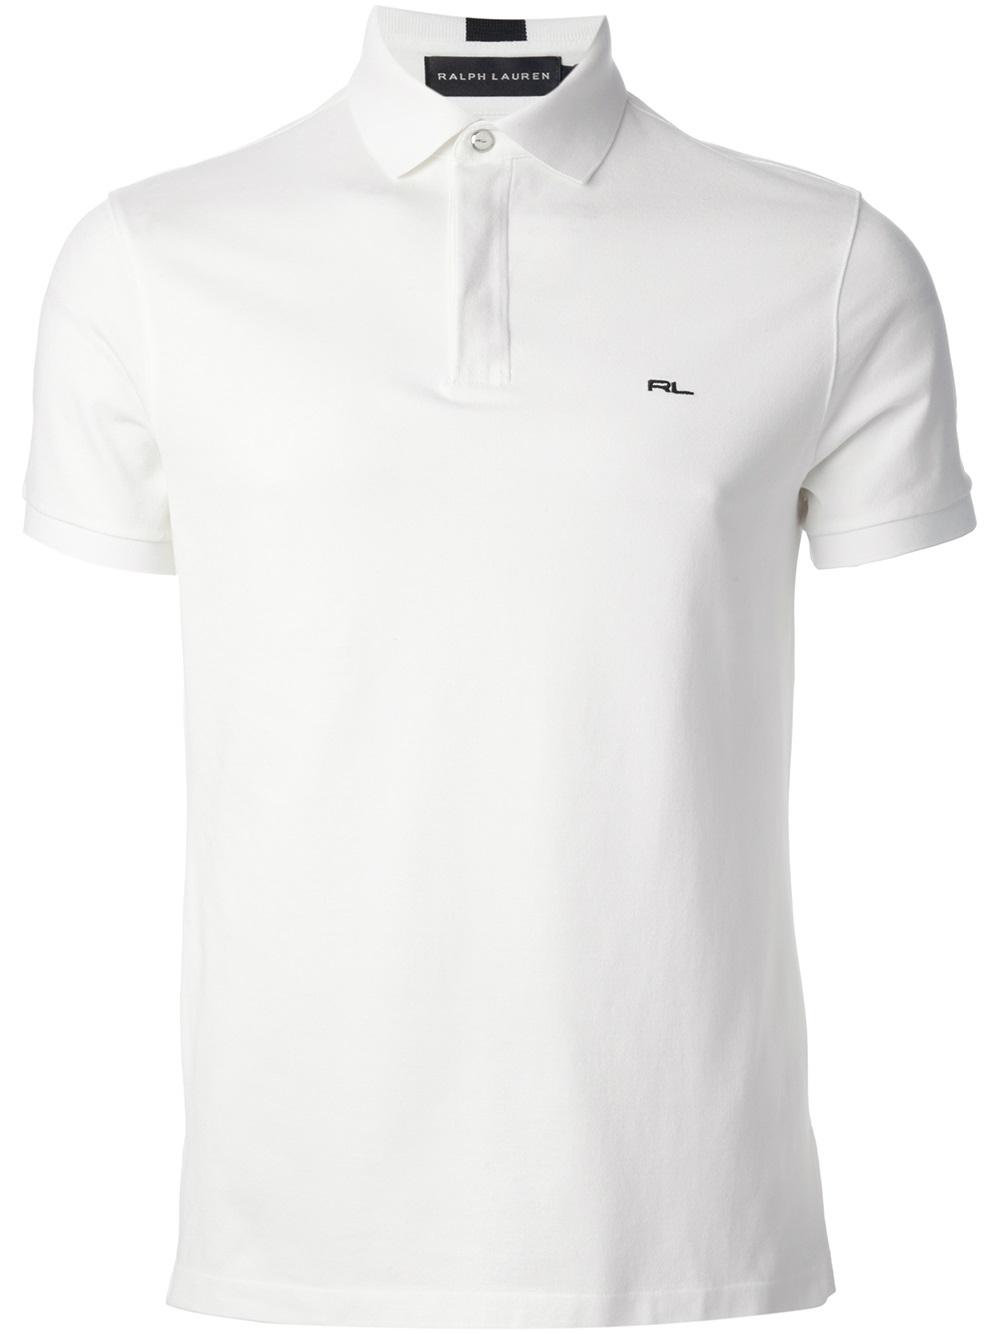 ralph lauren black label logo polo shirt in white for men